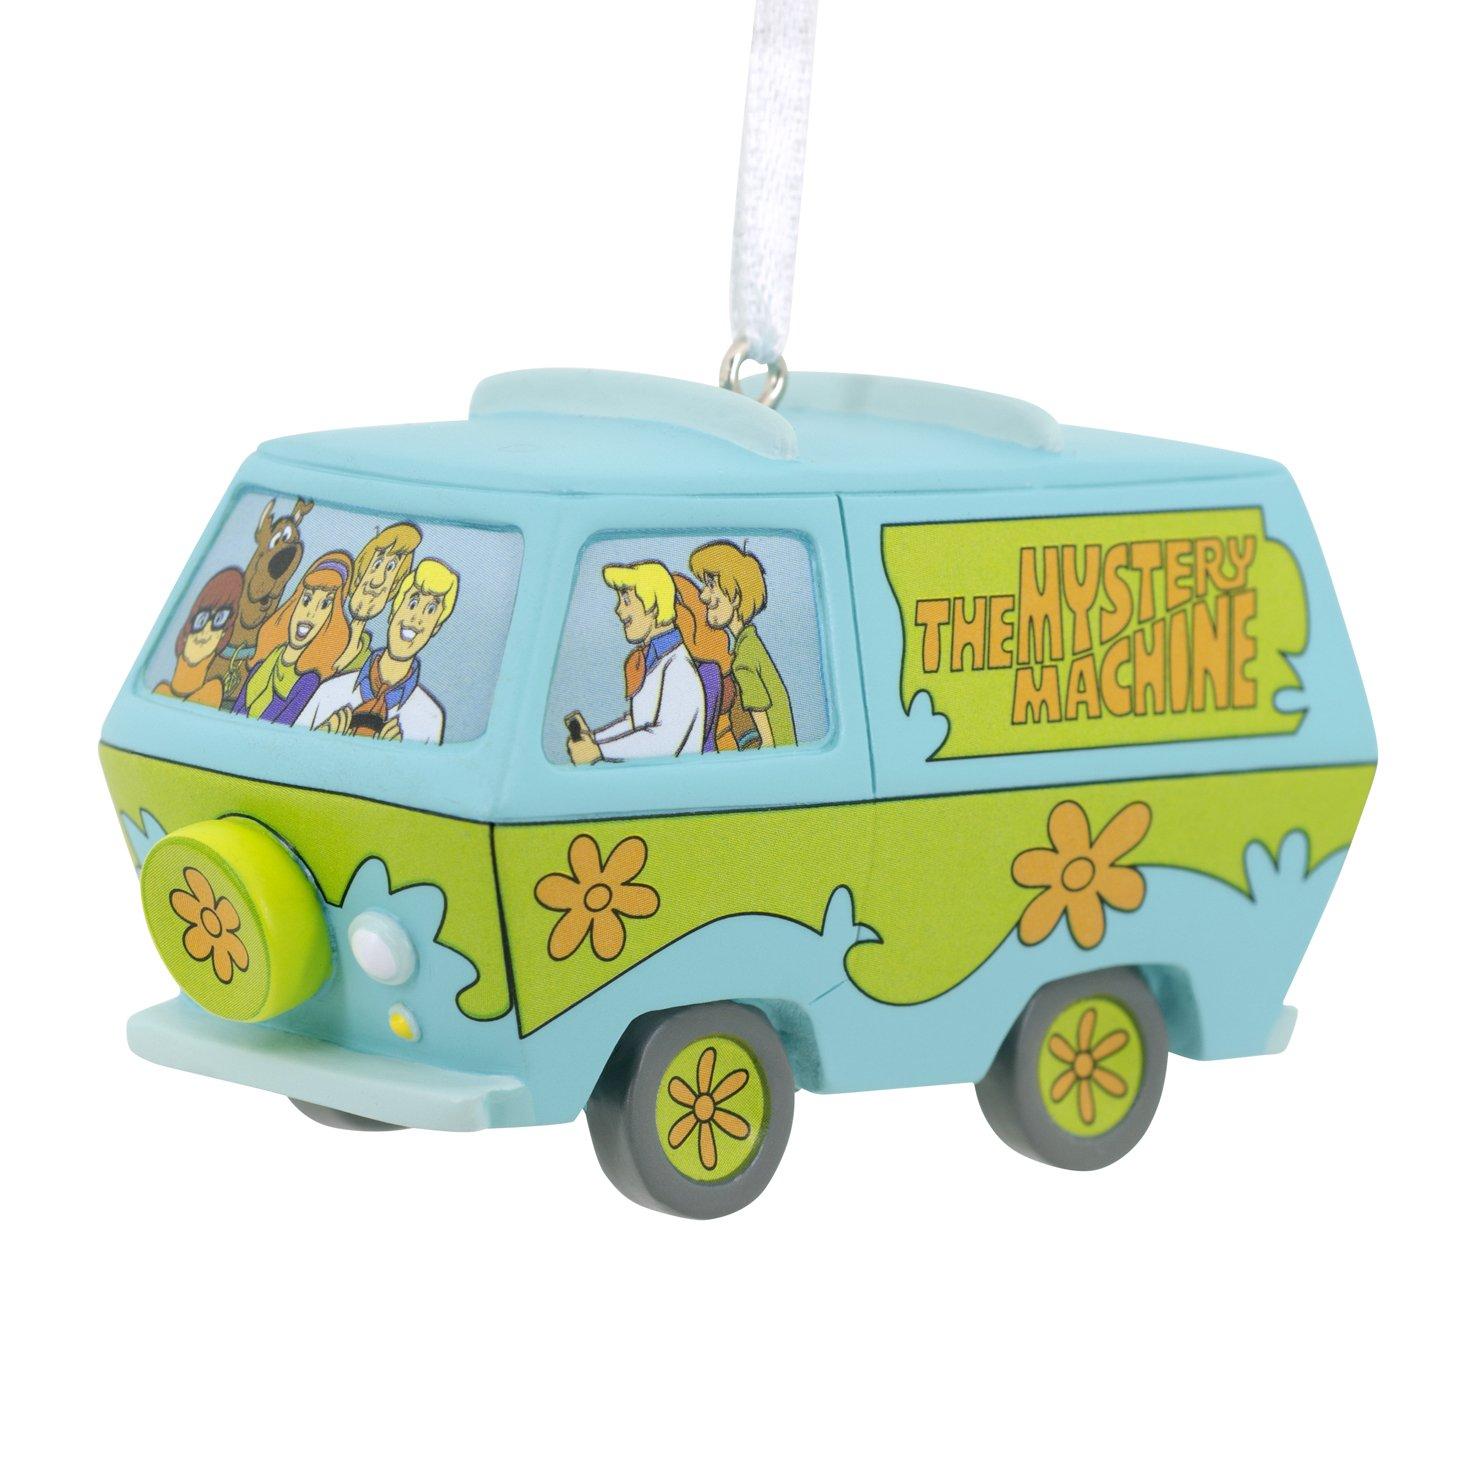 Amazon.com: Hallmark Scooby-Doo Mystery Machine Holiday Ornament ...